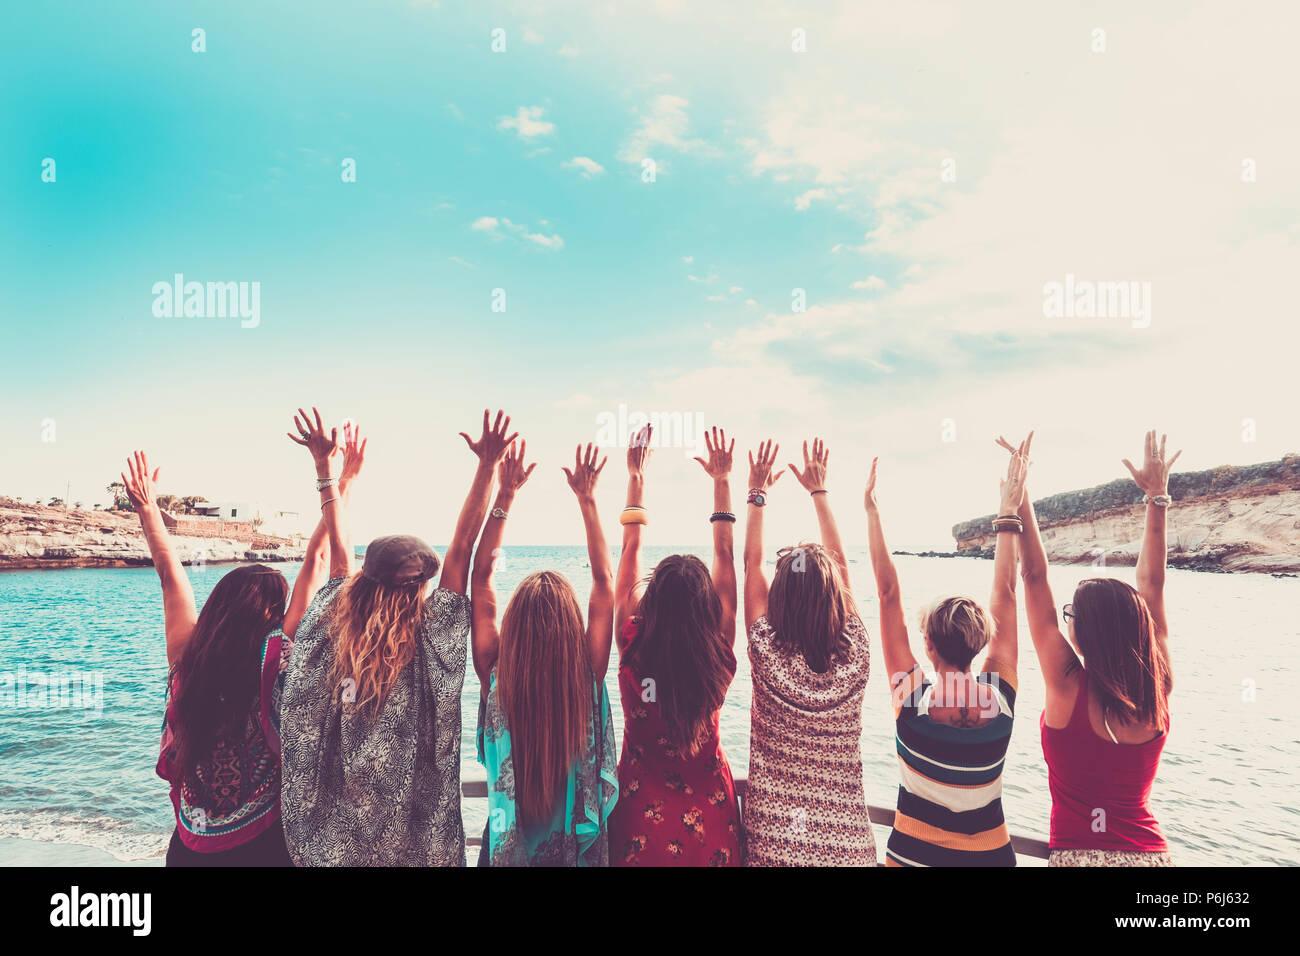 Grupo de mujeres disfrutando de las vacaciones de verano y celebrar todos juntos diciendo hola al océano y la naturaleza. los jóvenes, actividades de ocio, todas las manos Imagen De Stock